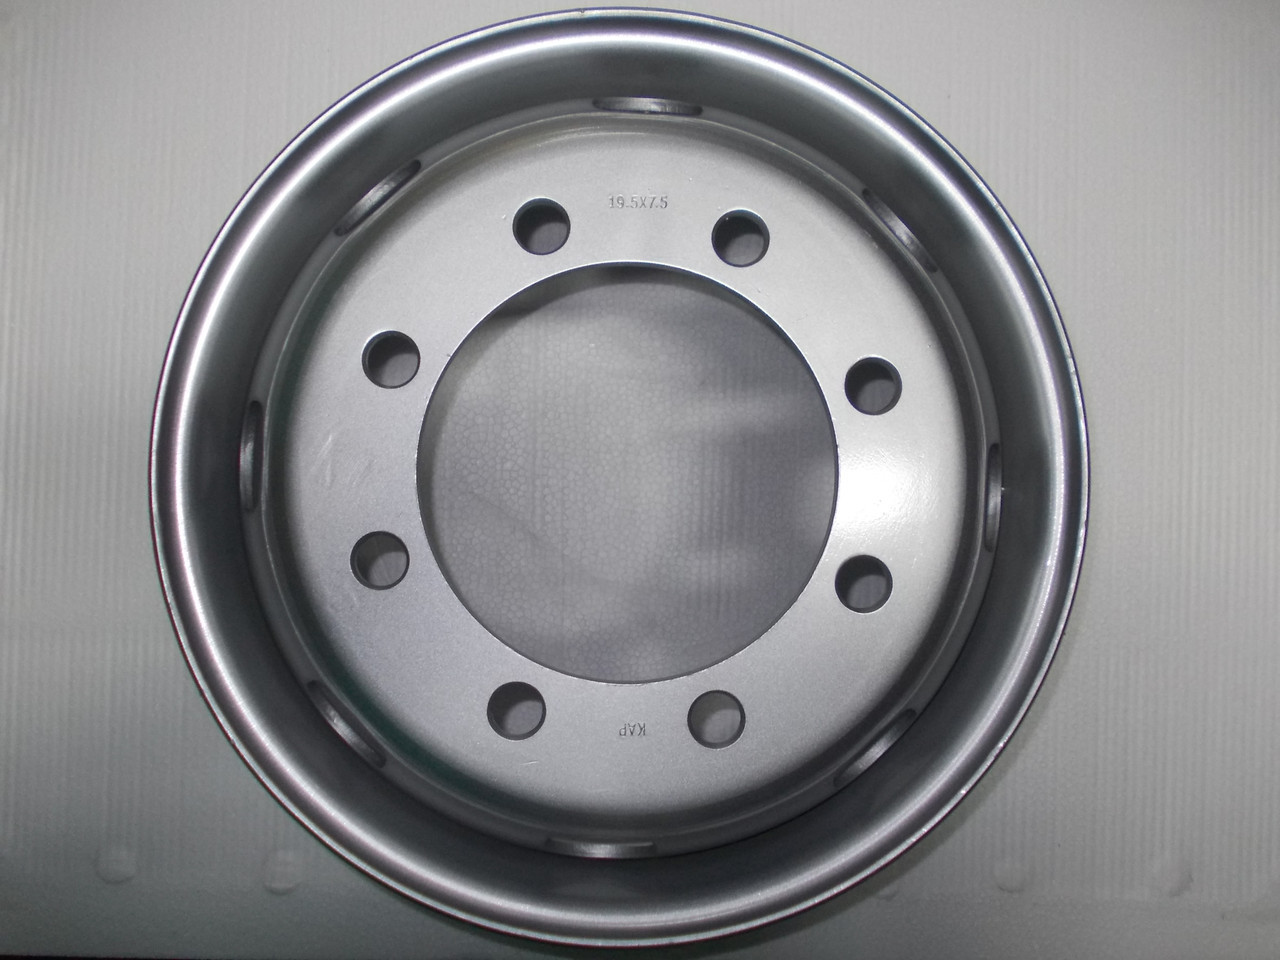 Диски новые грузовые: R19.5xj 7.5 ET 142 DIA 221 PCD(8x275)